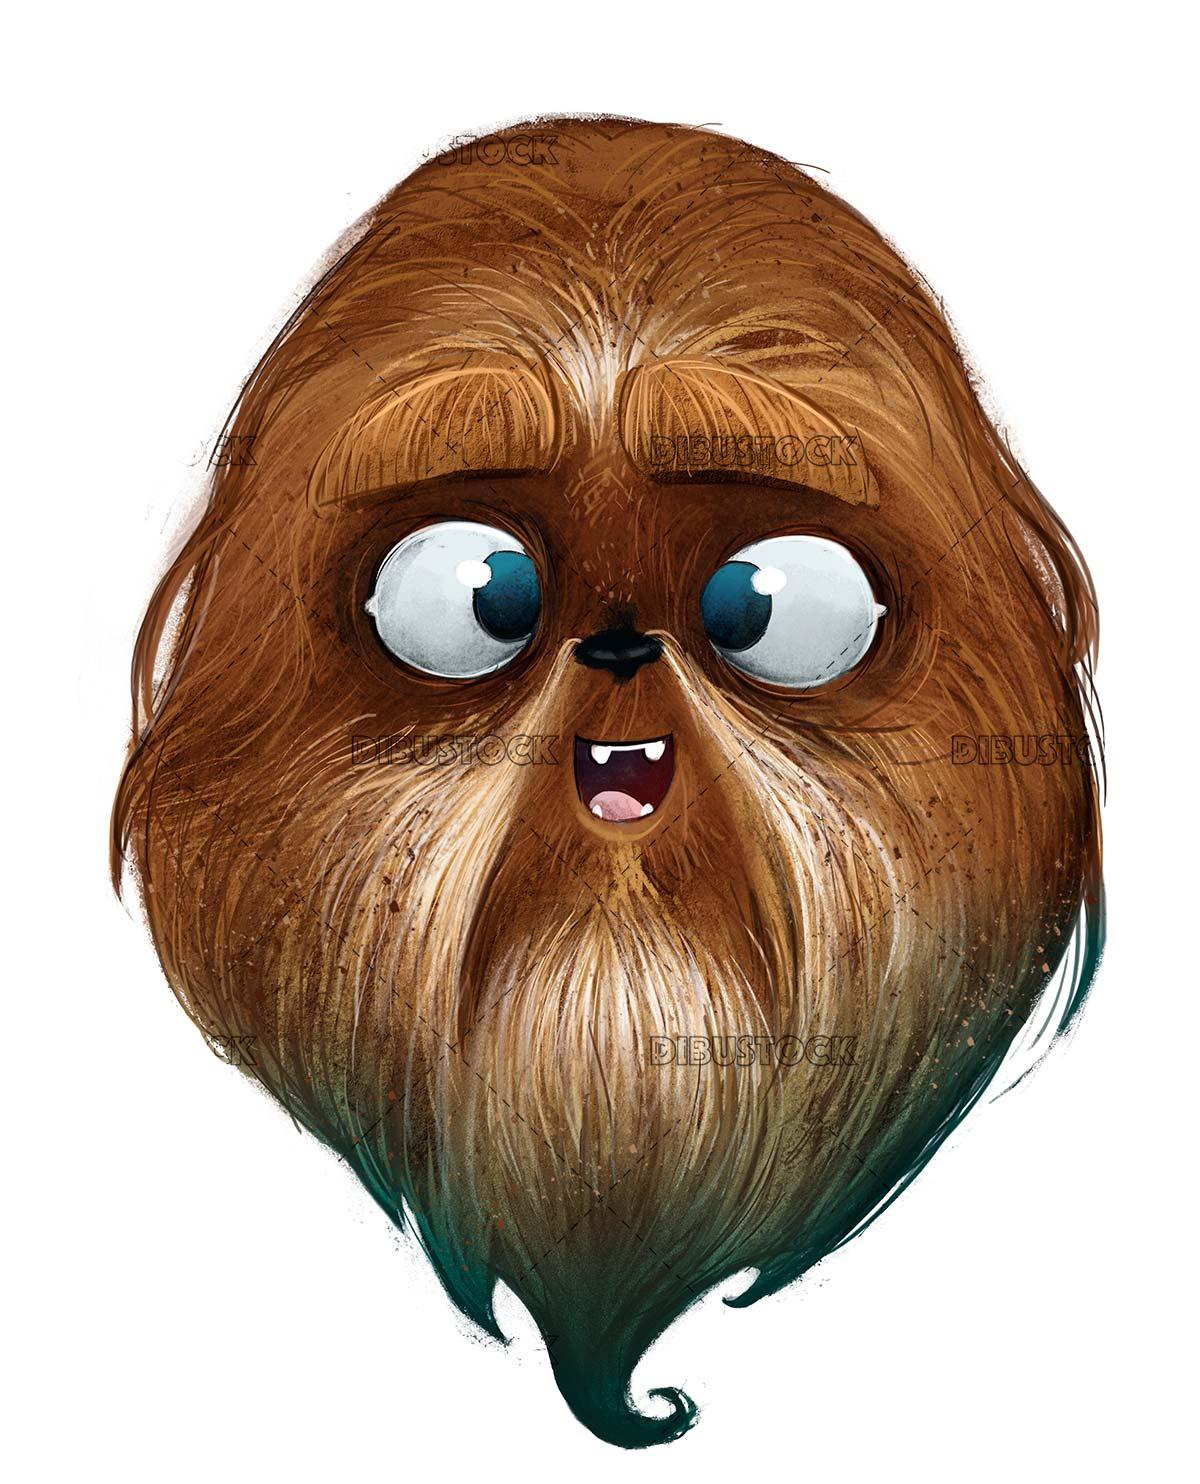 Hairy monster face